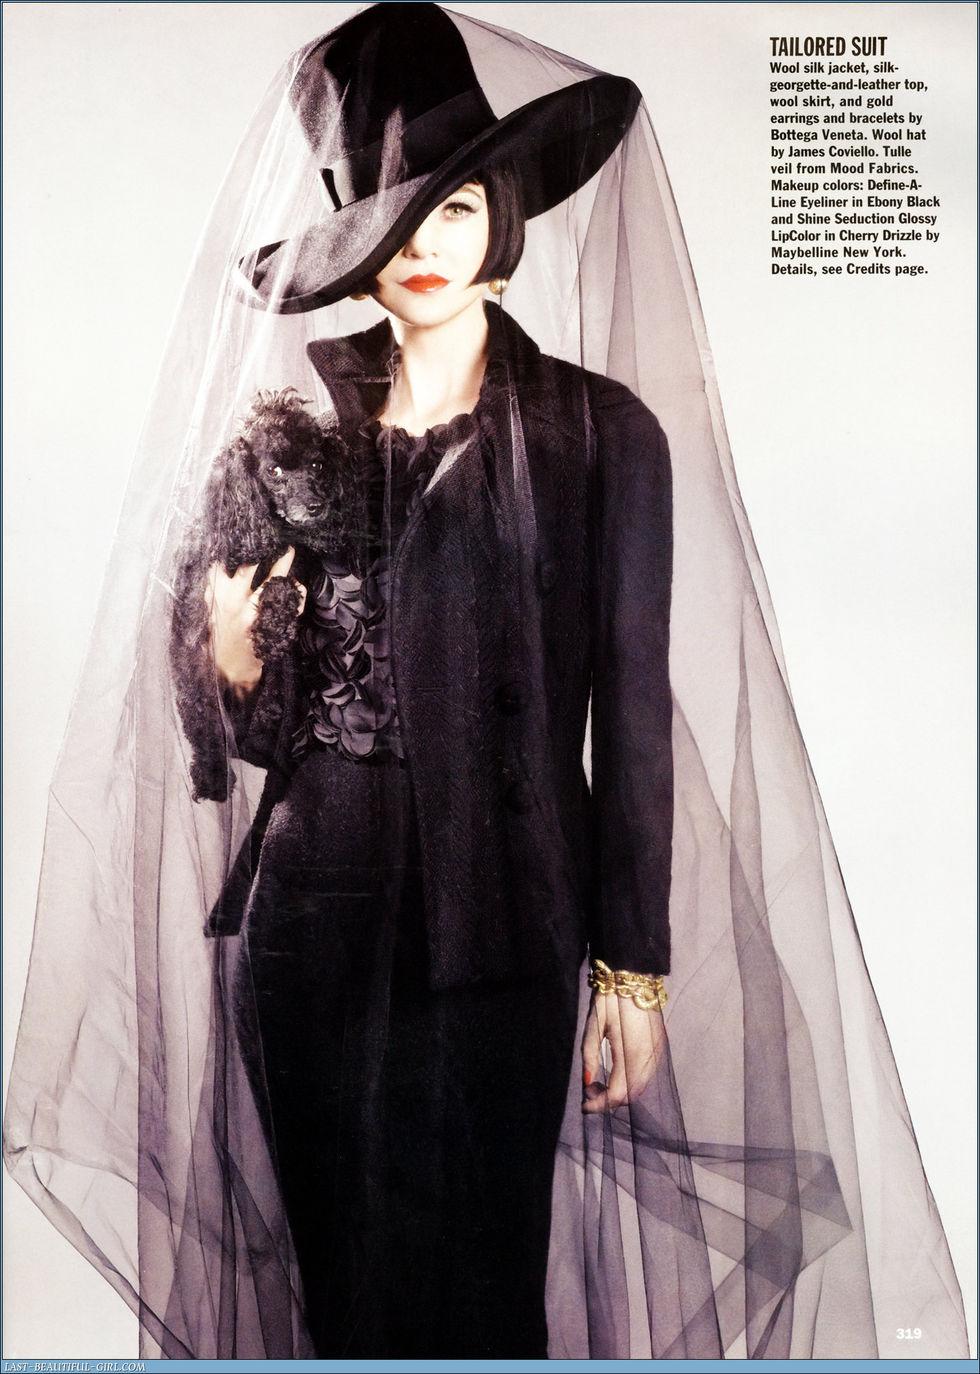 ellen-pompeo-allure-magazine-october-2008-01